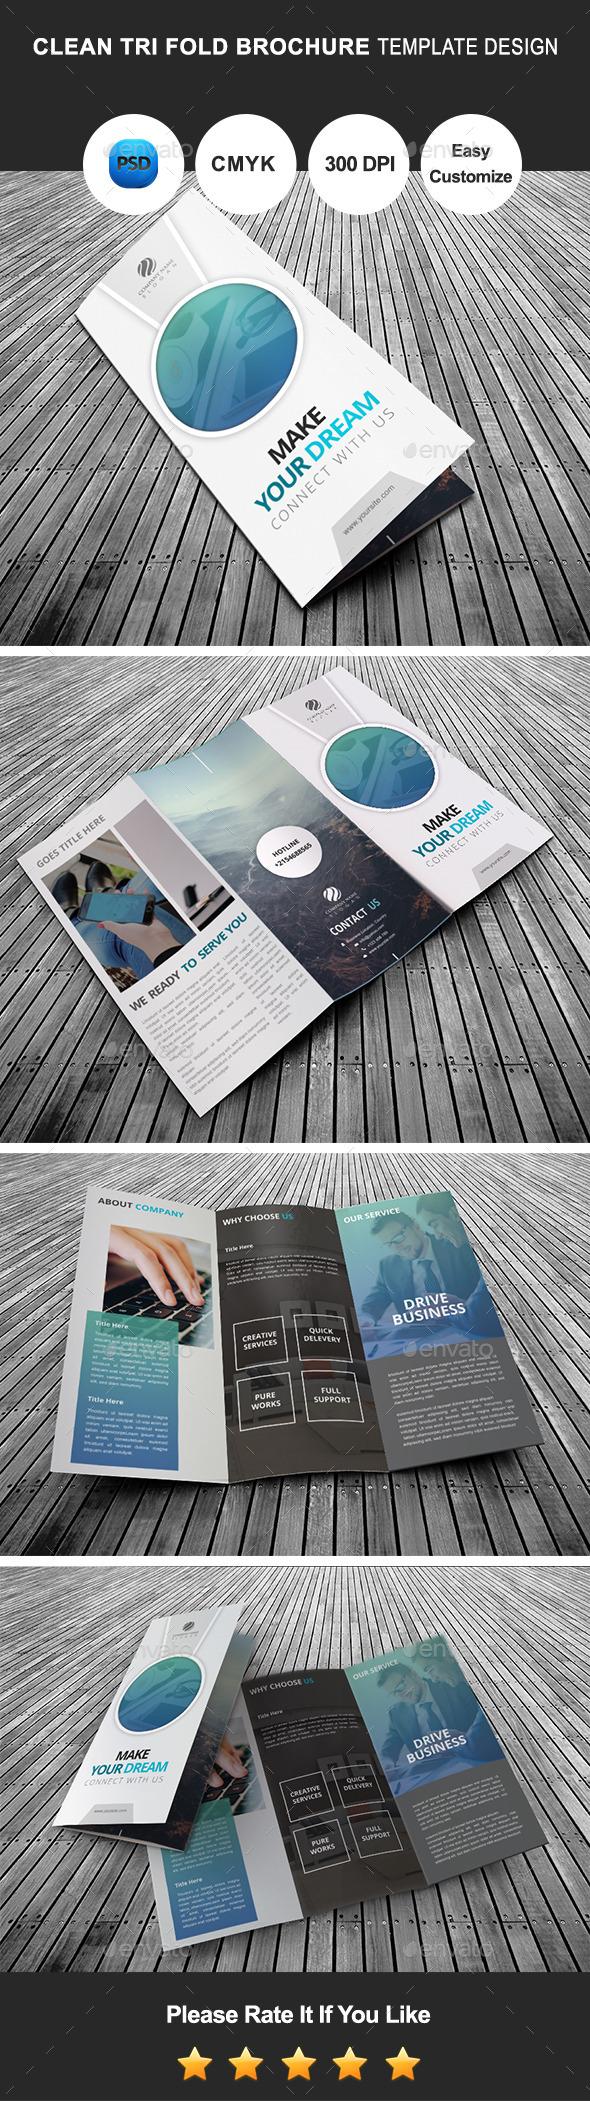 Clean Tri Fold Brochure Template Design